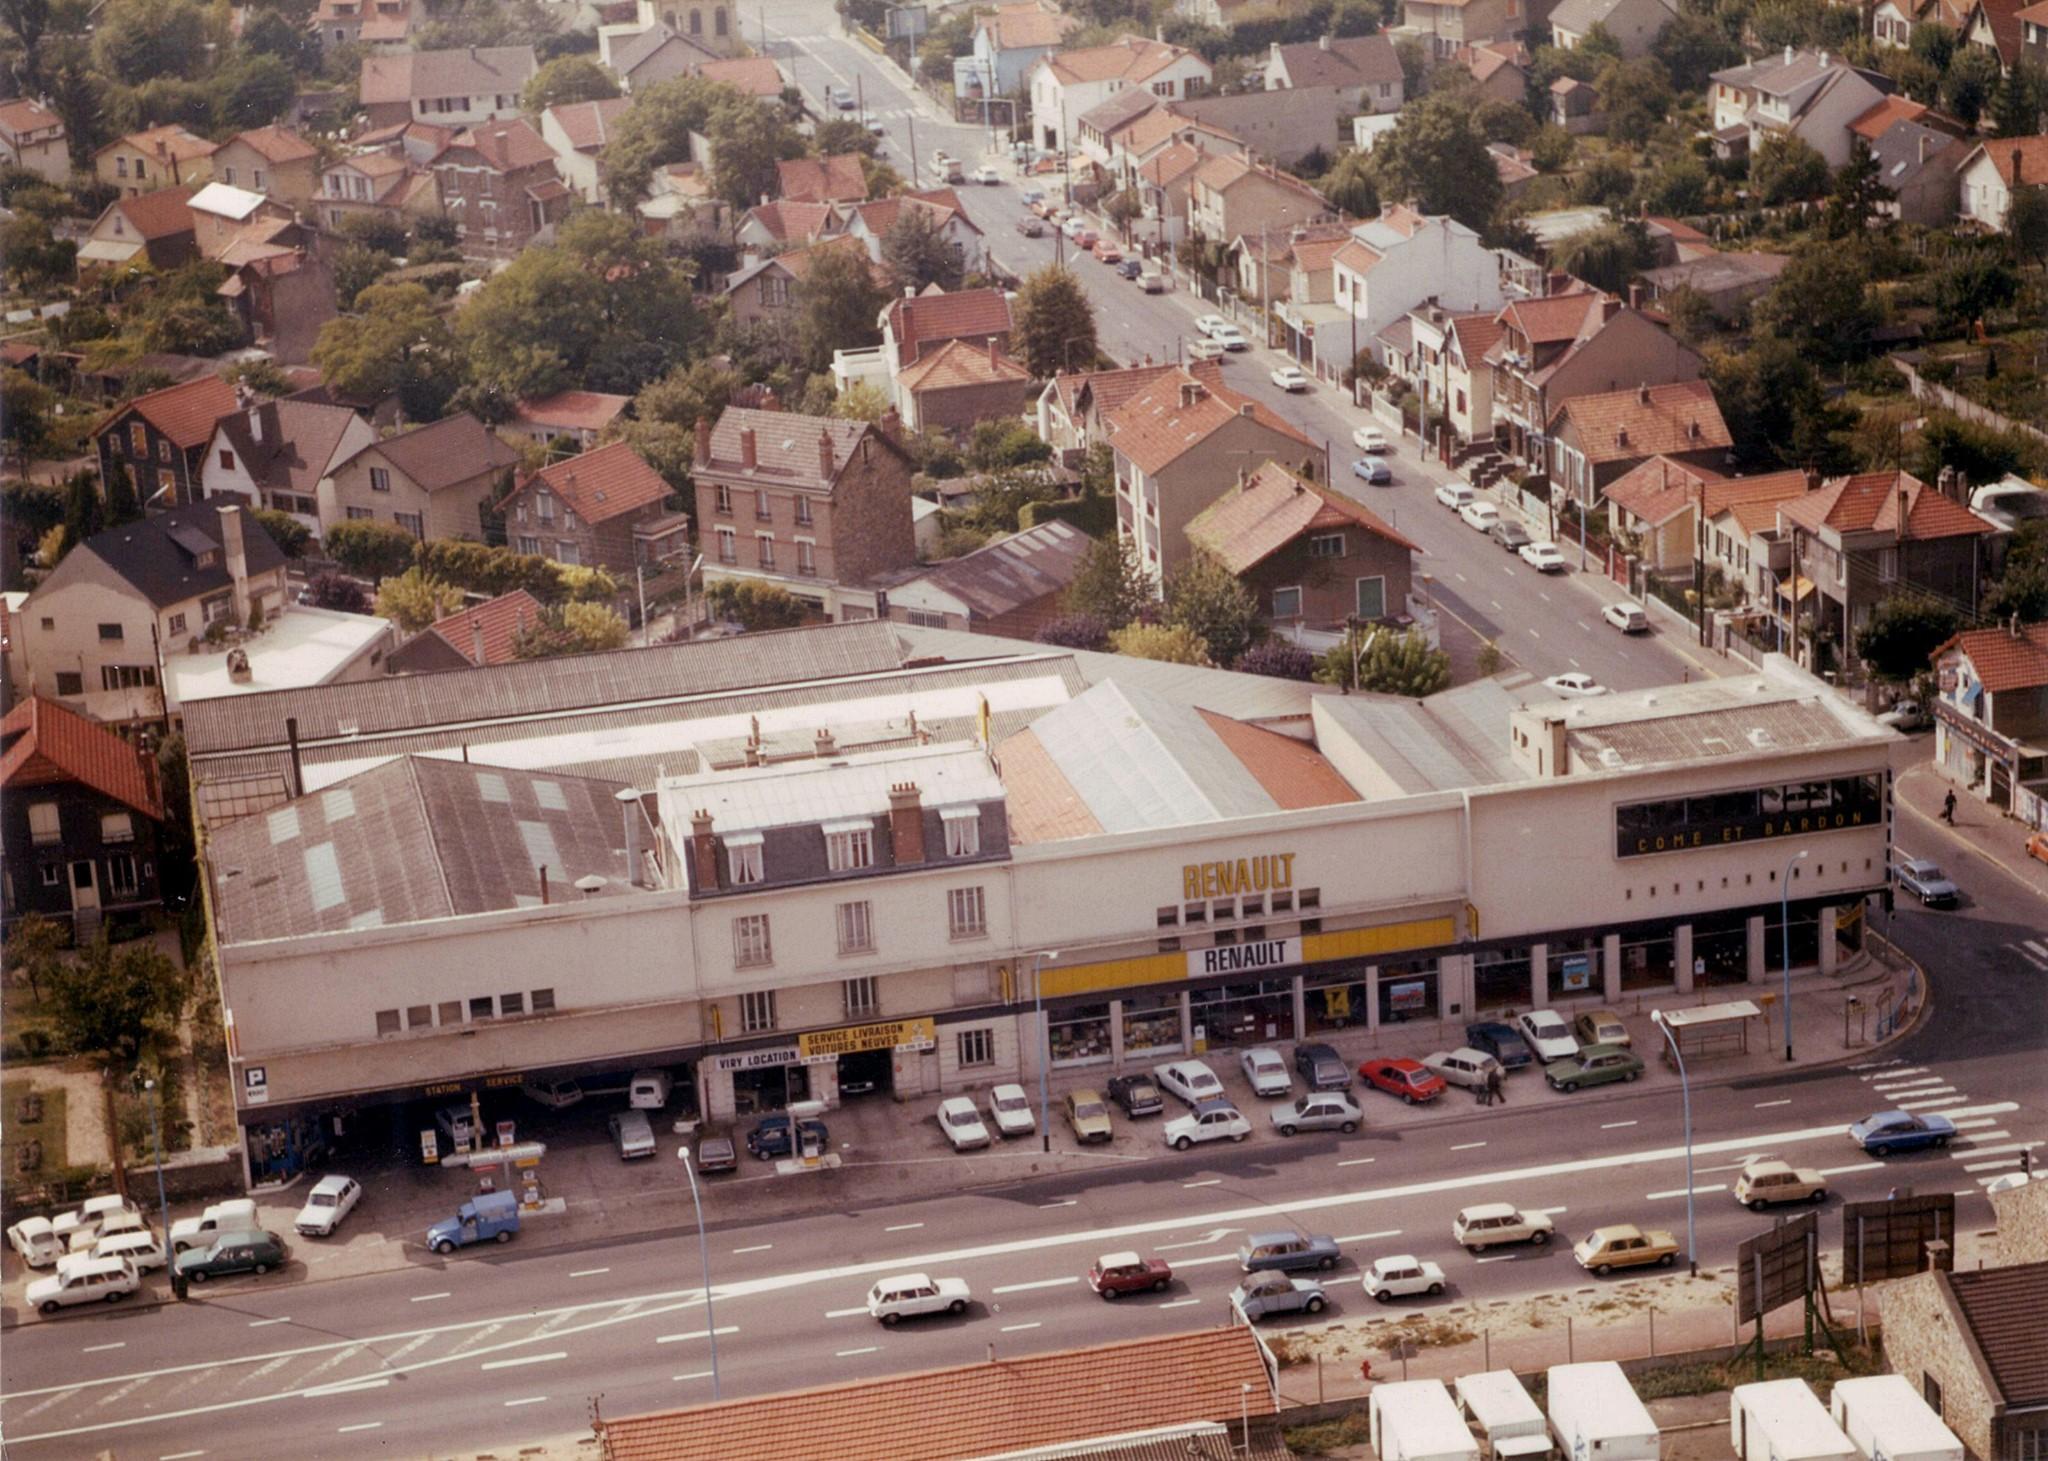 Renault--Concessionnaire-garage--Come-et-Bardon---Viry-Chatillon-1975